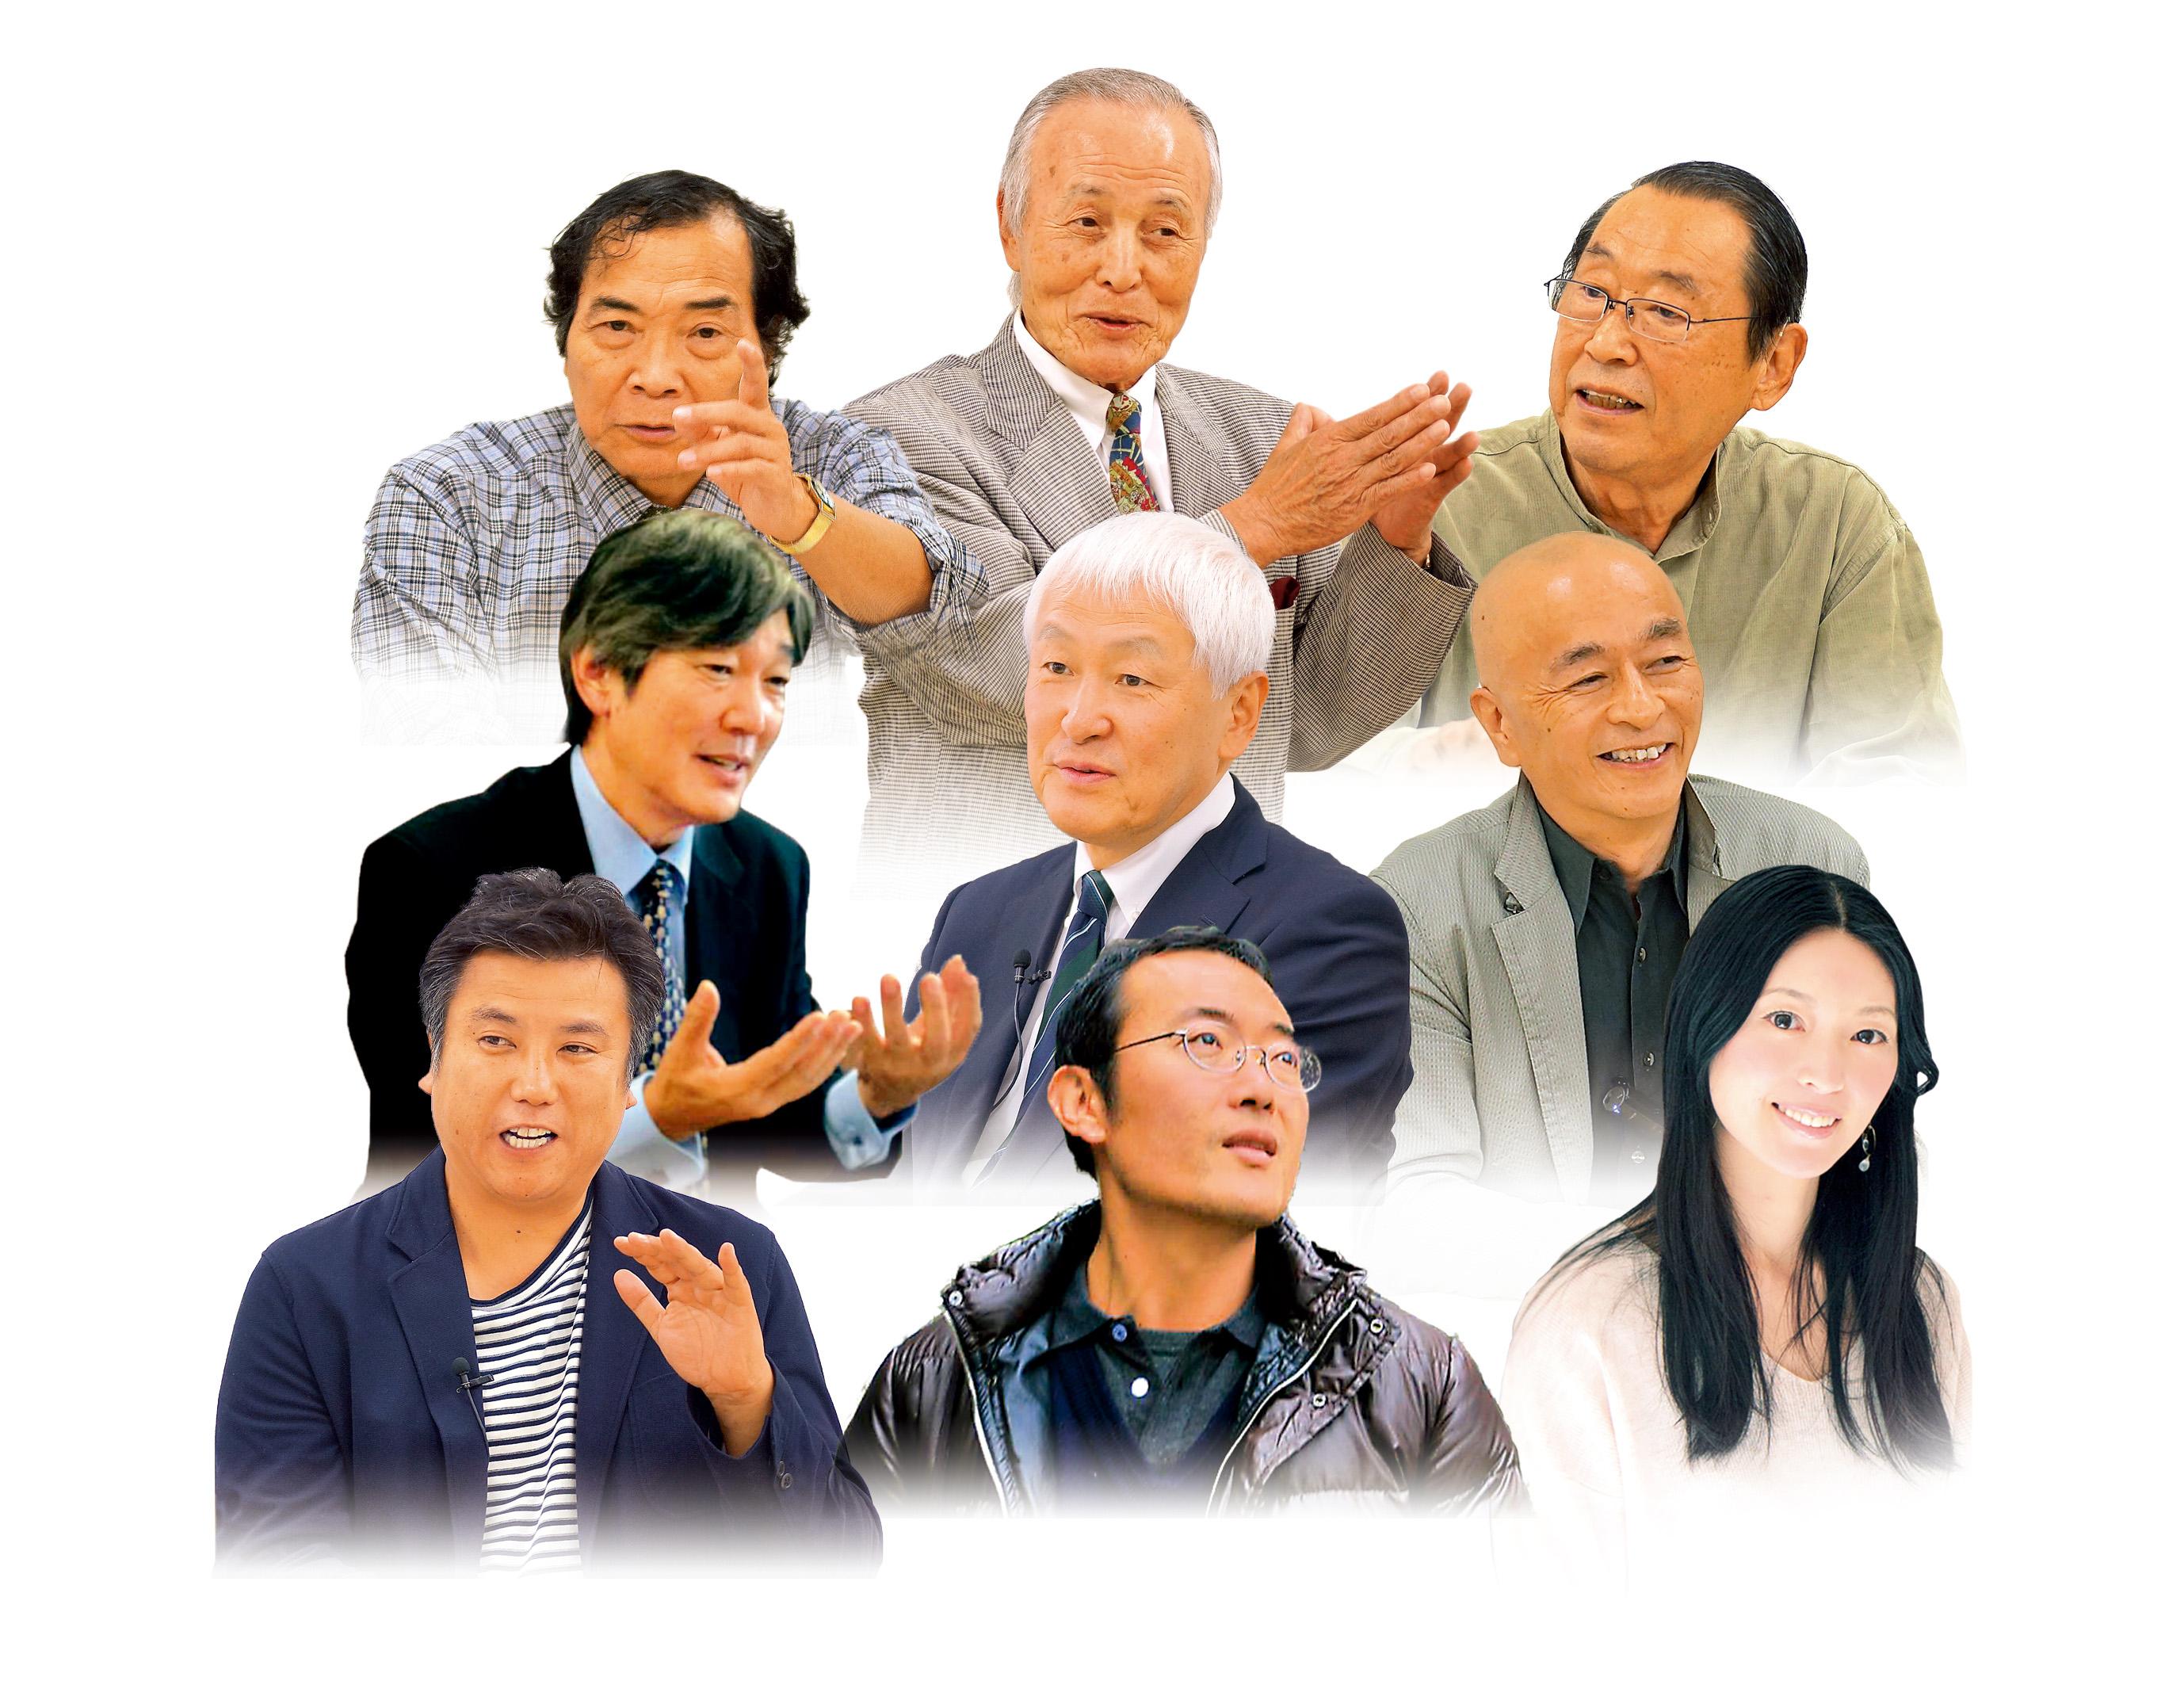 集合_201707